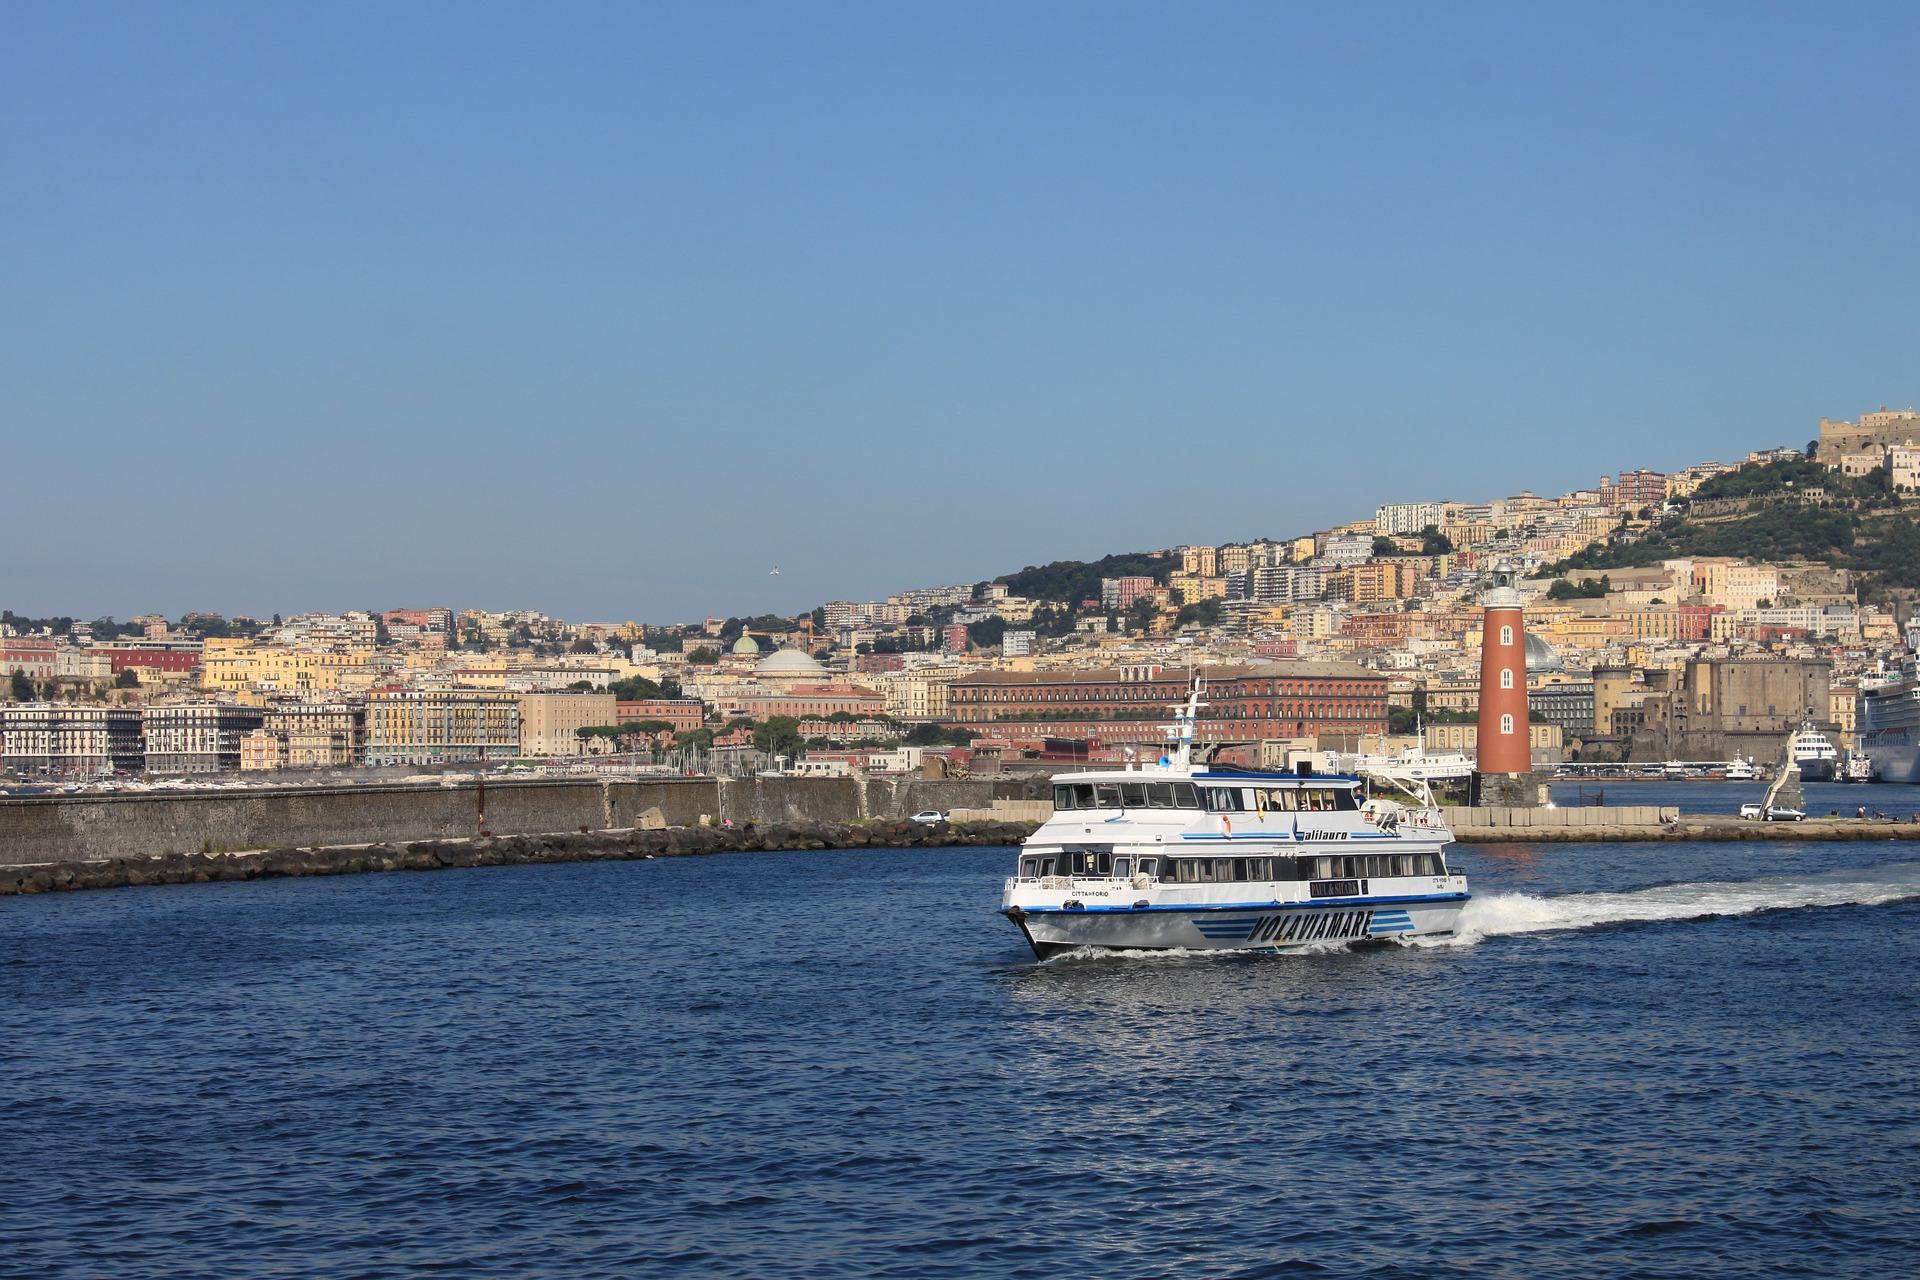 Neapel Hafen